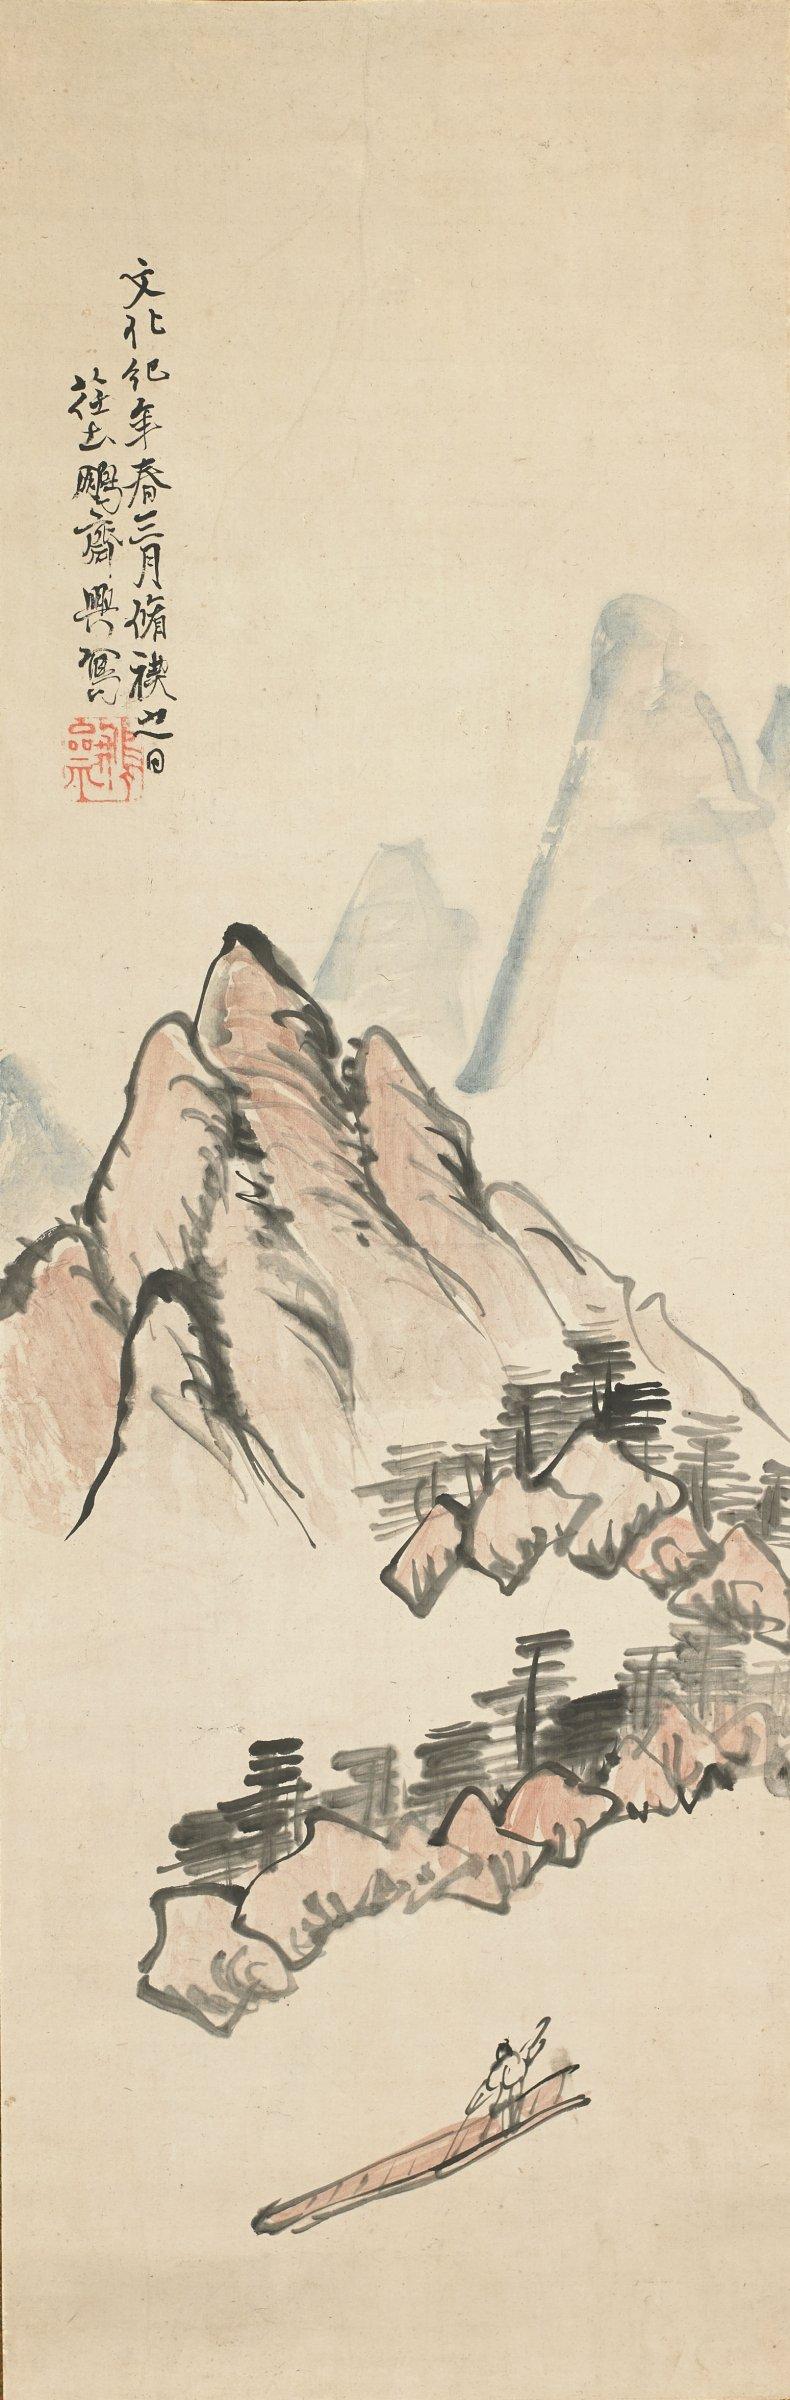 Landscape, Kameda Bosai, ink and color on paper